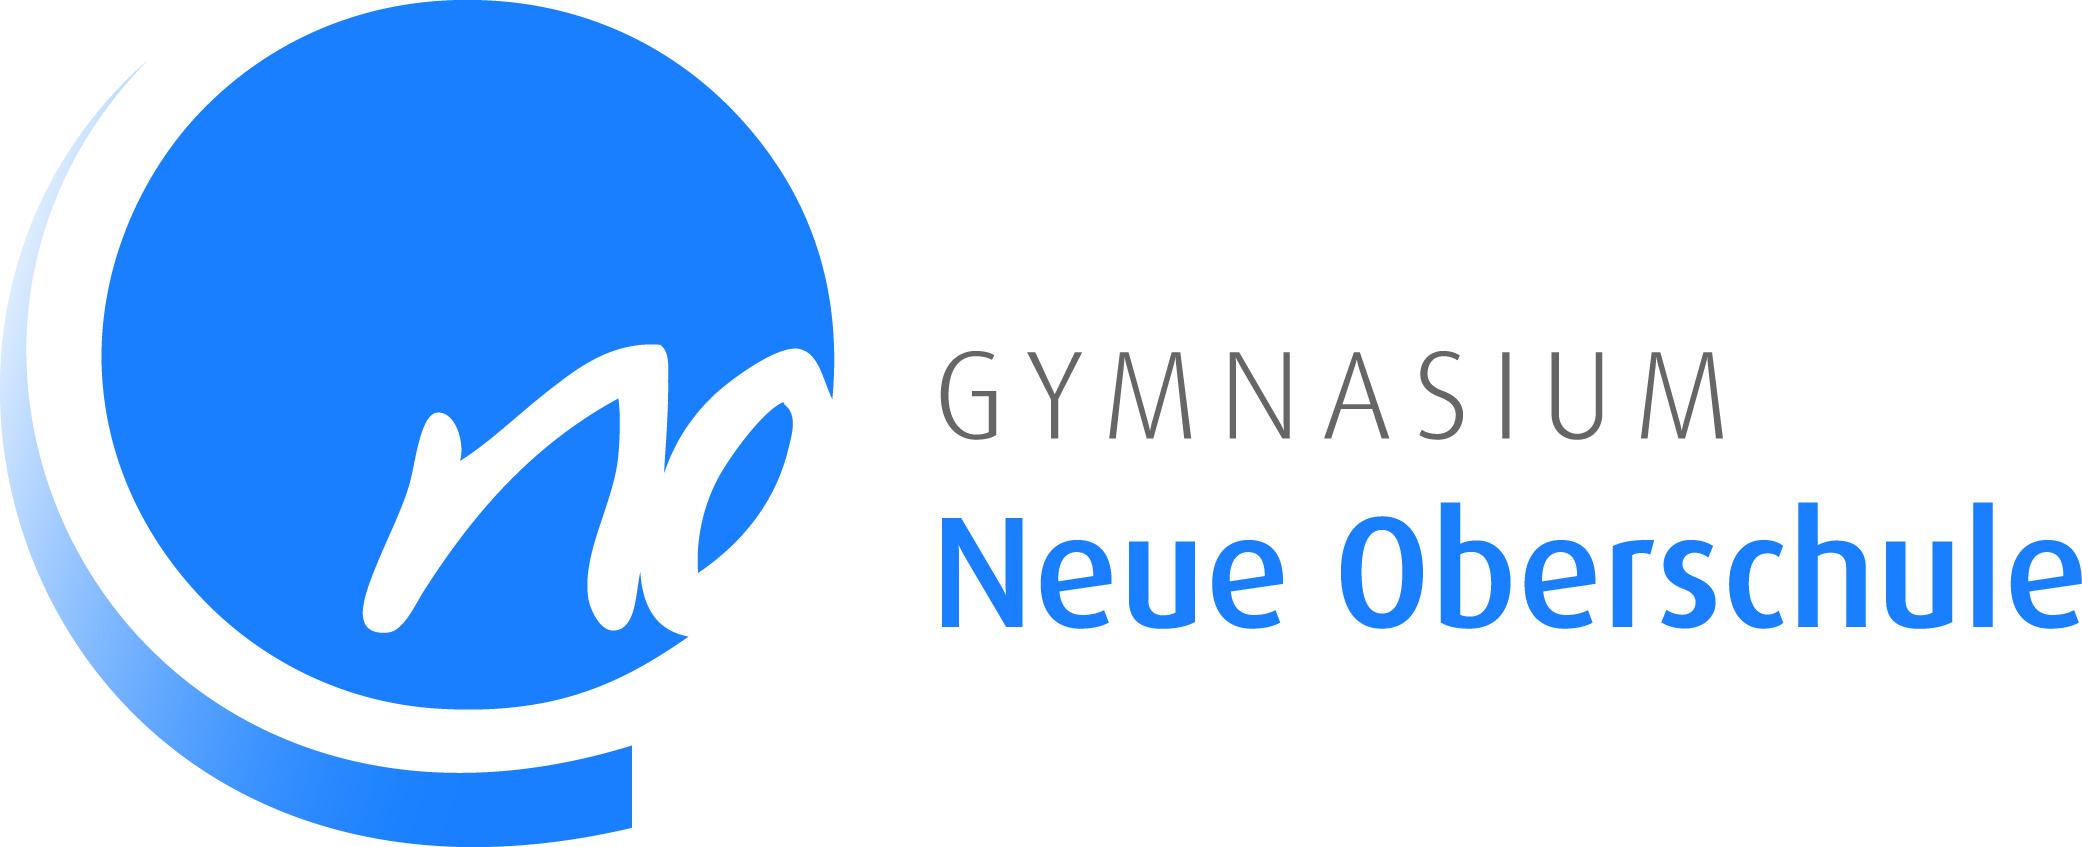 Gymnasium Neue Oberschule (Braunschweig) - Wikiwand